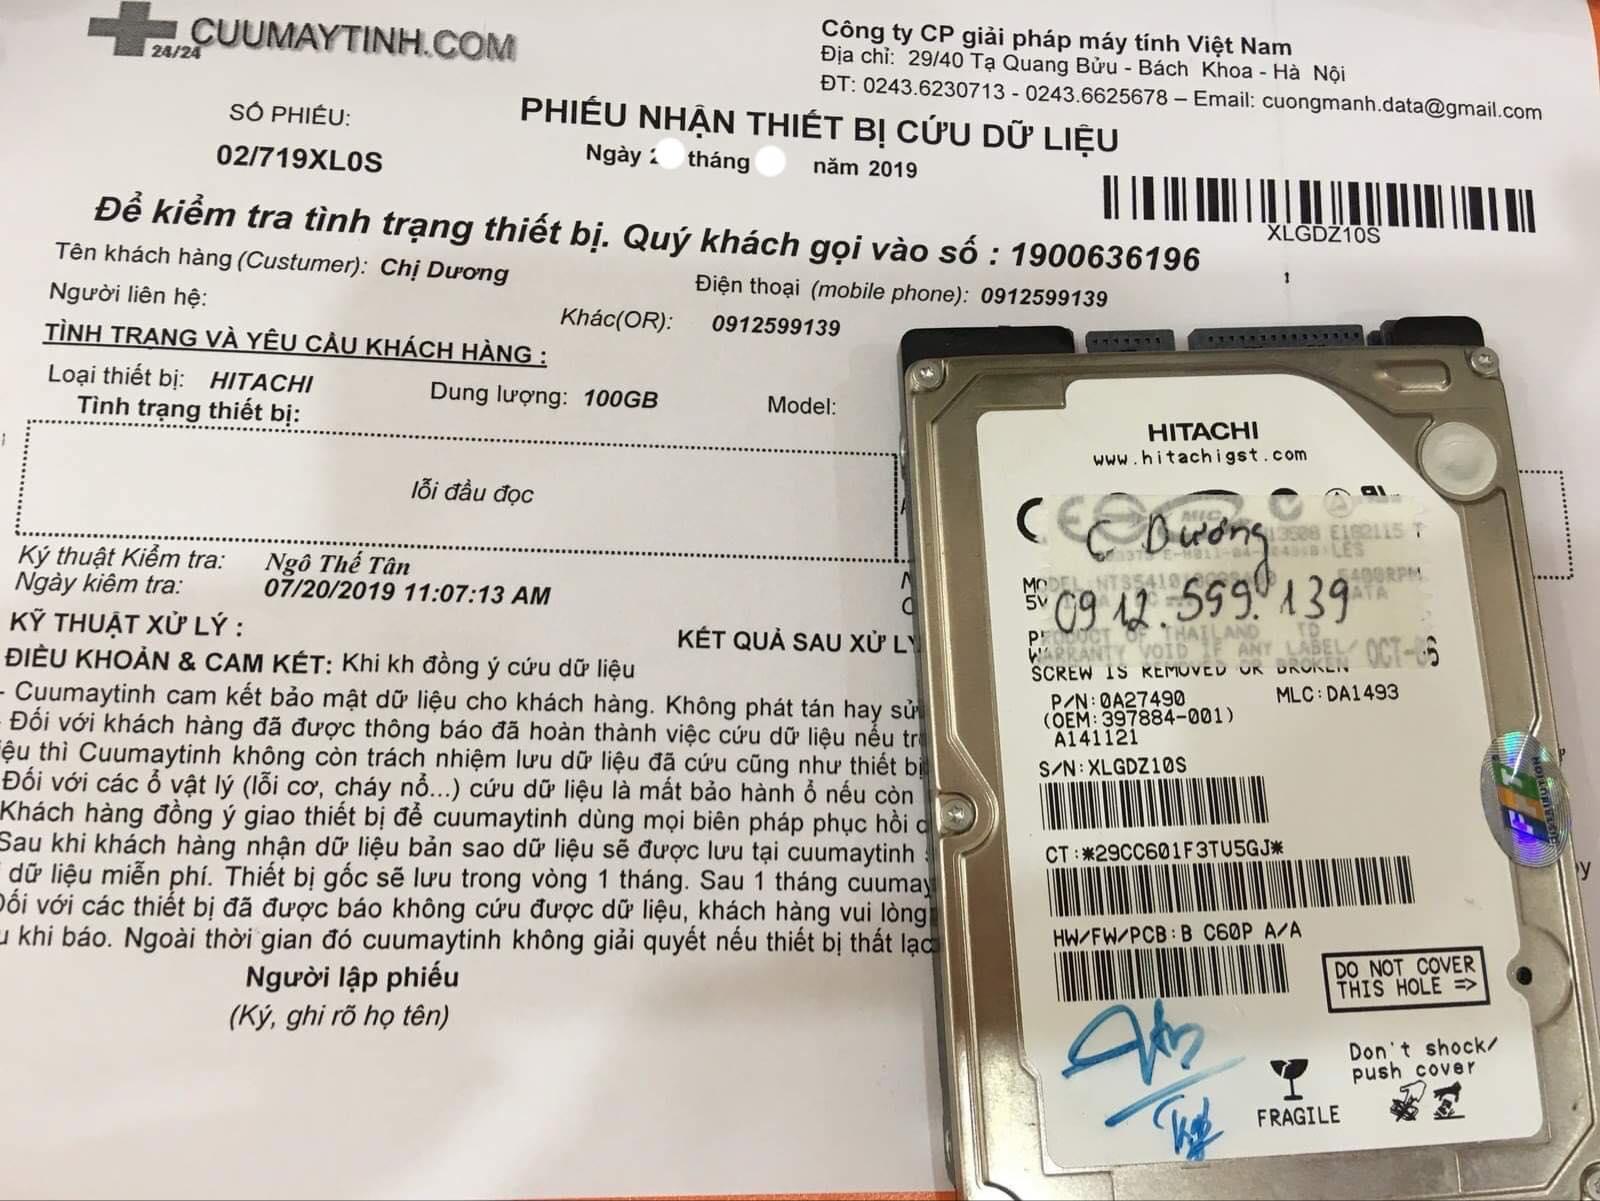 Khôi phục dữ liệu ổ cứng Hitachi 100GB lỗi đầu đọc 17/08/2019 - cuumaytinh